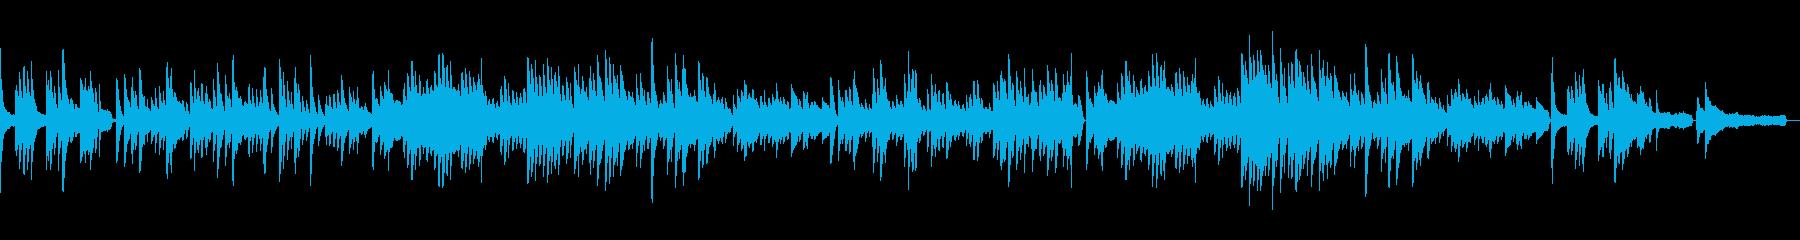 ピアノでオシャレに 別れの曲・ショパン3の再生済みの波形